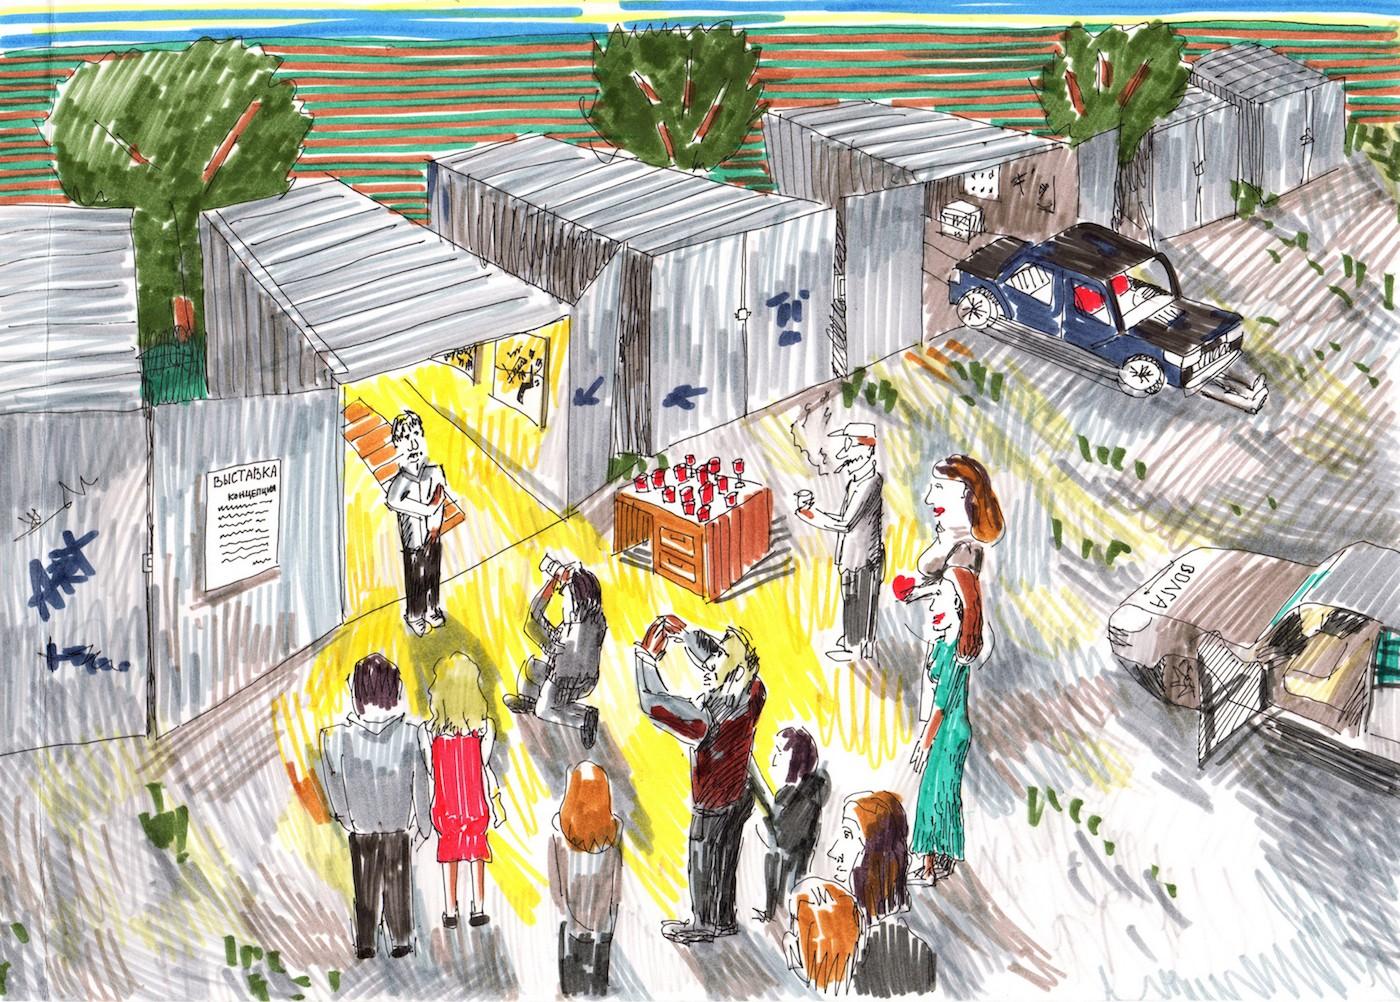 Группировка ЗИП. Из проекта «В пути. Инструкция по самоорганизации», 2015